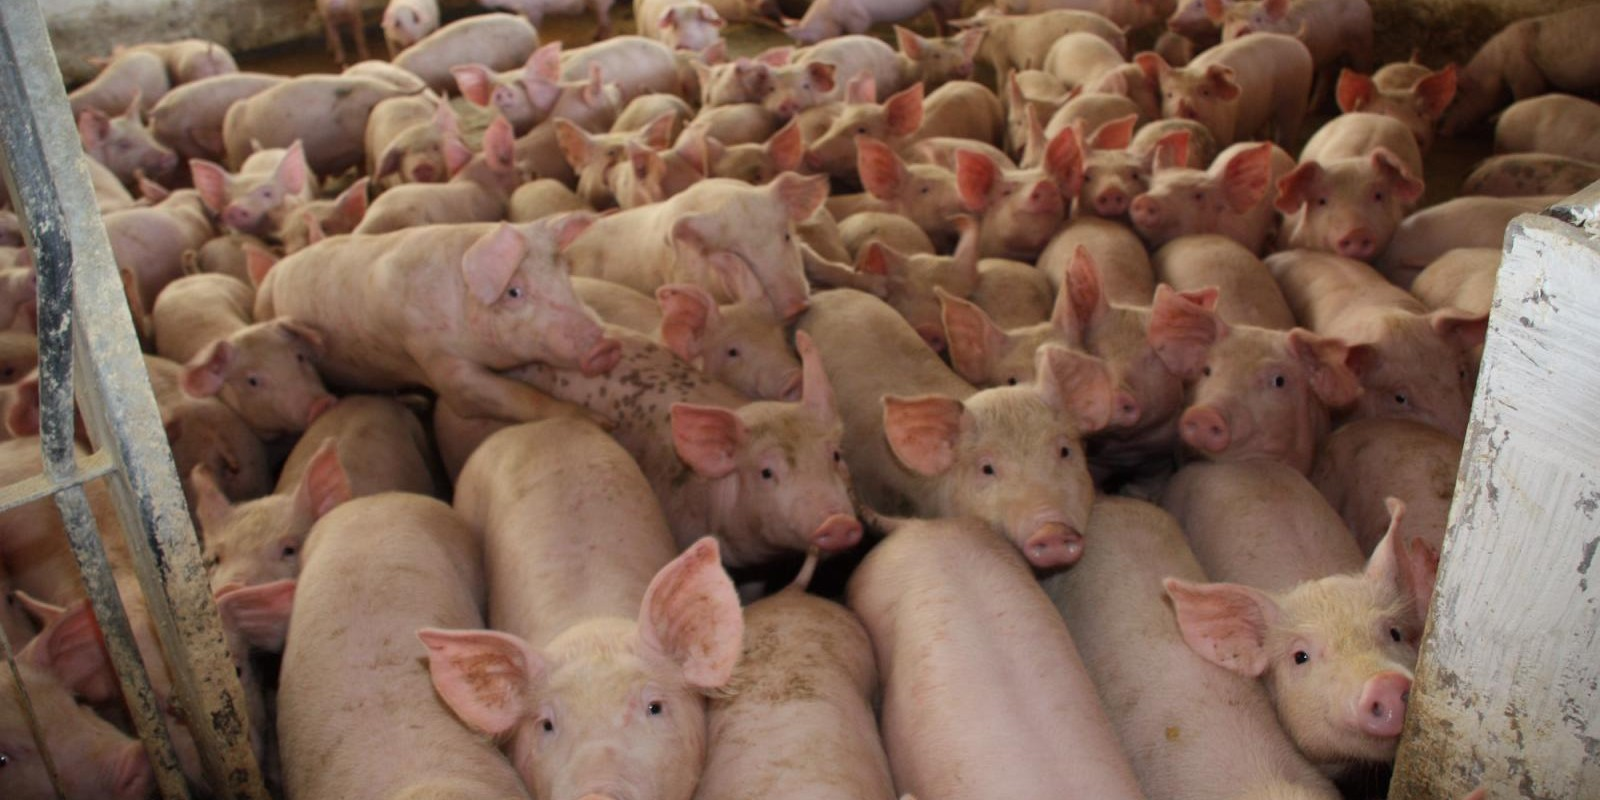 China confirma quarto surto de febre suína africana